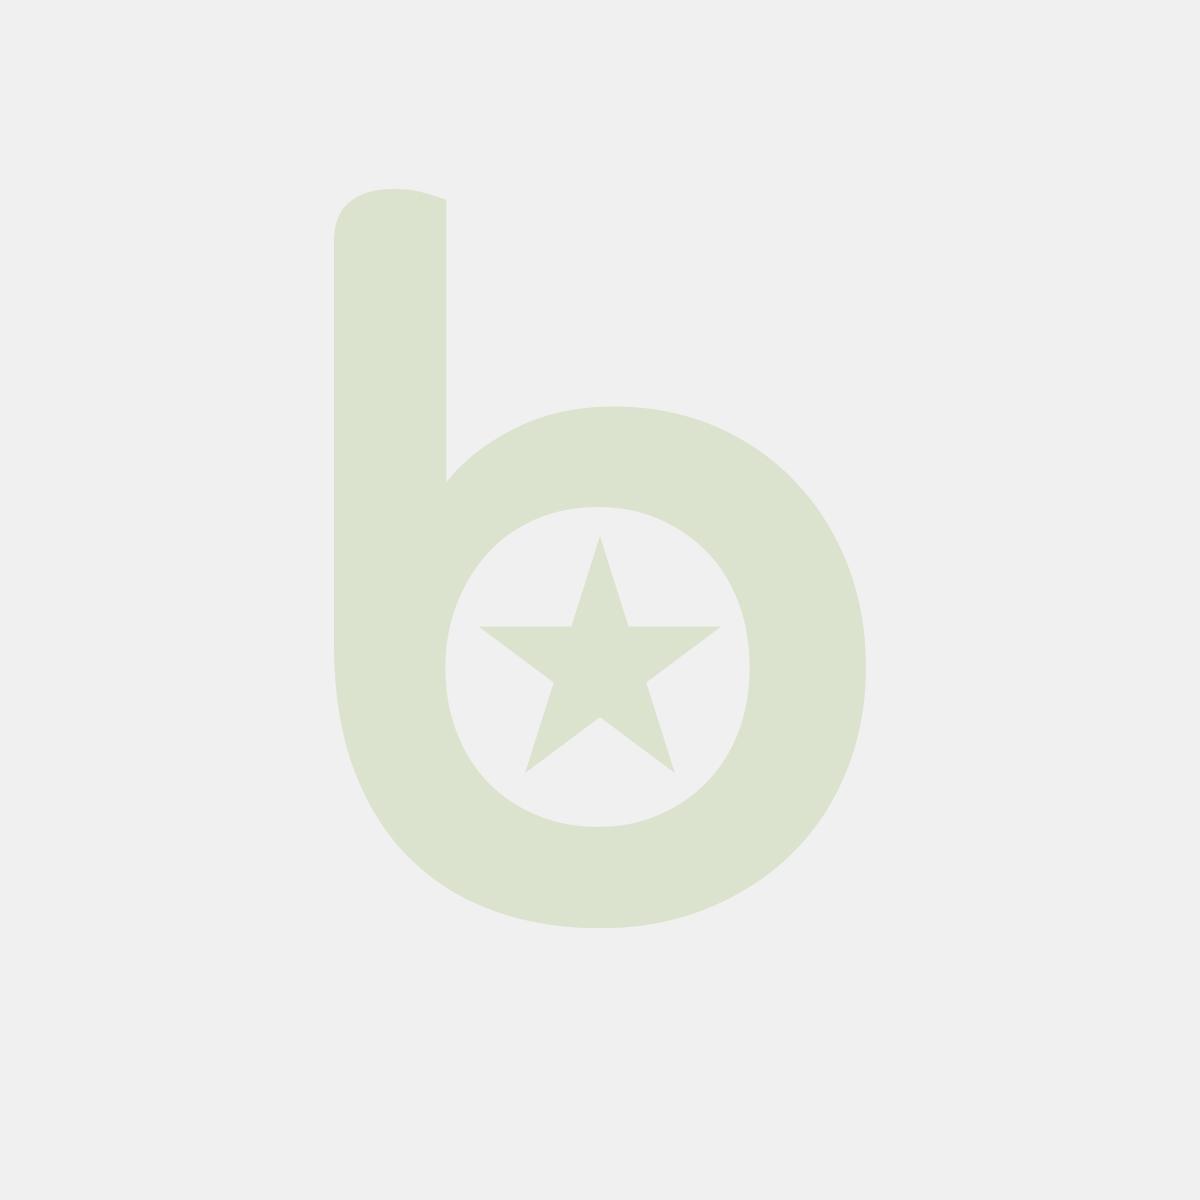 Bieżnik PAPSTAR ROYAL Collection Berryrose z PV-Tissue Mix przypominającej tkaninę,w rolce 24m/40cm szary, bibuła